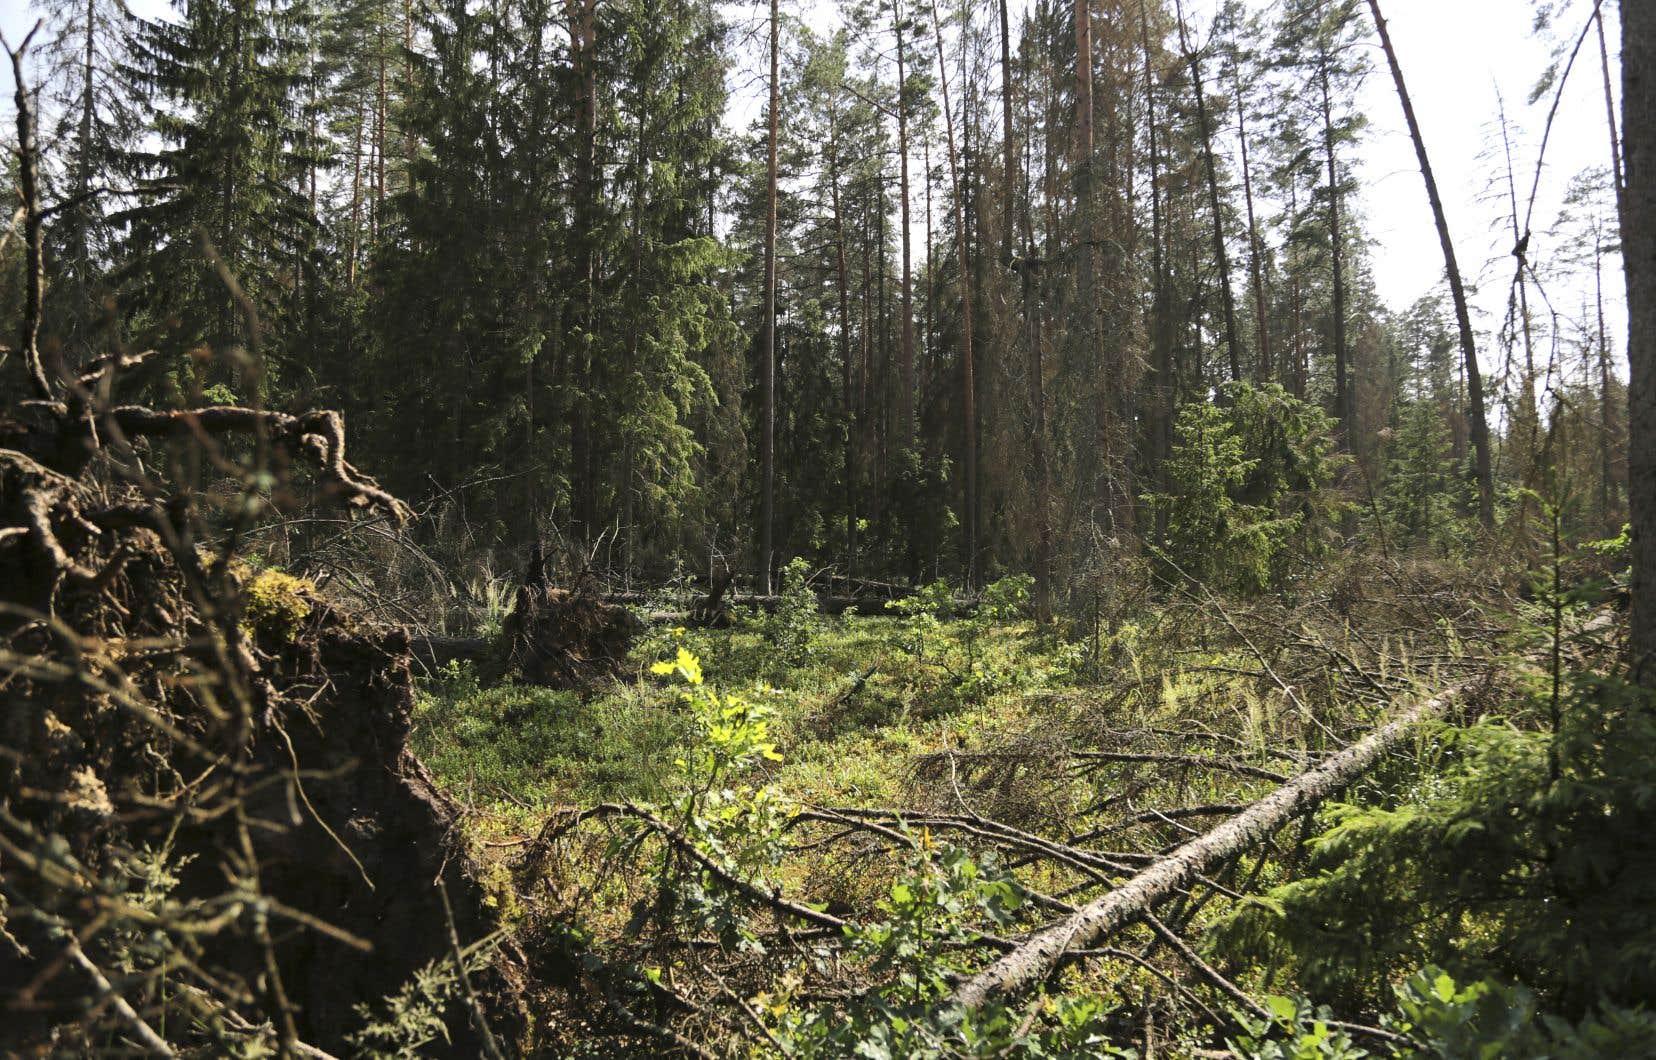 Fin mai, l'organisme des Forêts d'État de Pologne a annoncé vouloir mettre en œuvre des «actions préventives» dans la forêt Bialowieza «en raison du risque d'incendie très élevé». En clair: on pourrait donc bientôt compter le retrait de plus de 800000 arbres morts dans la zone végétale de 150000 hectares, même si l'Union européenne a ordonné la fin des coupes en 2017.